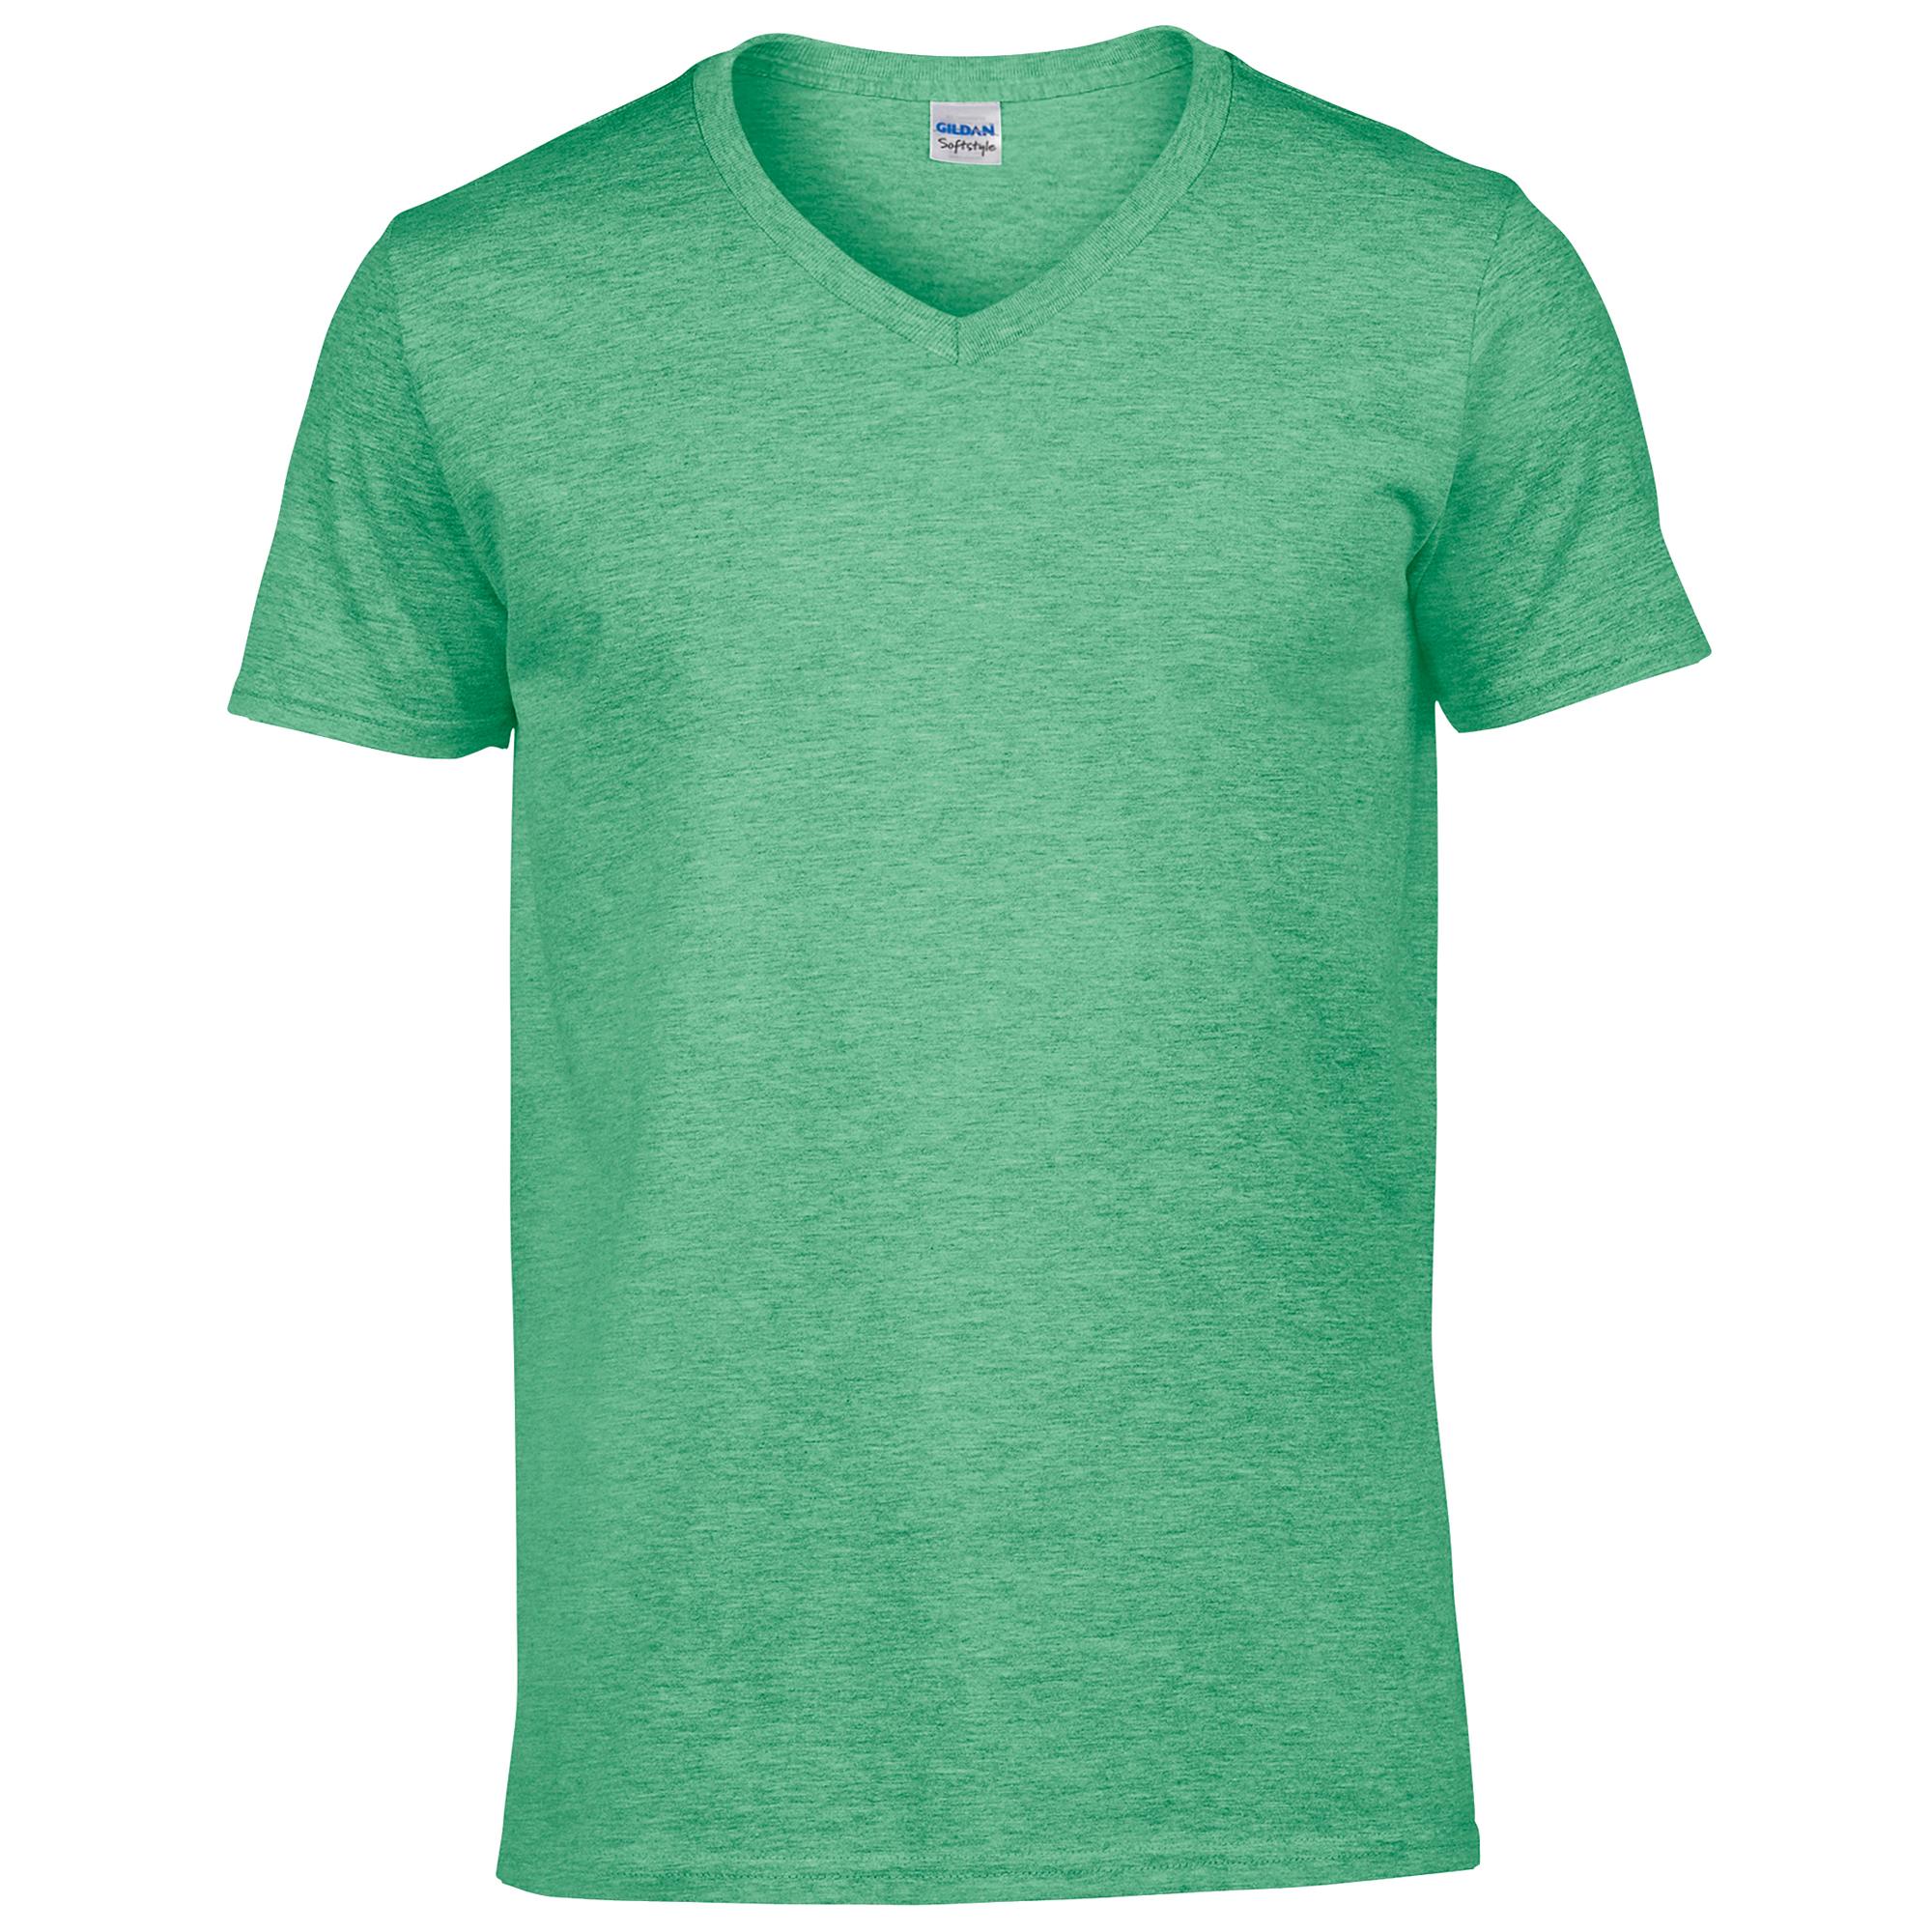 T-shirt à manches courtes et col en V Gildan, 100% coton, pour homme ... 2a86d4446cae